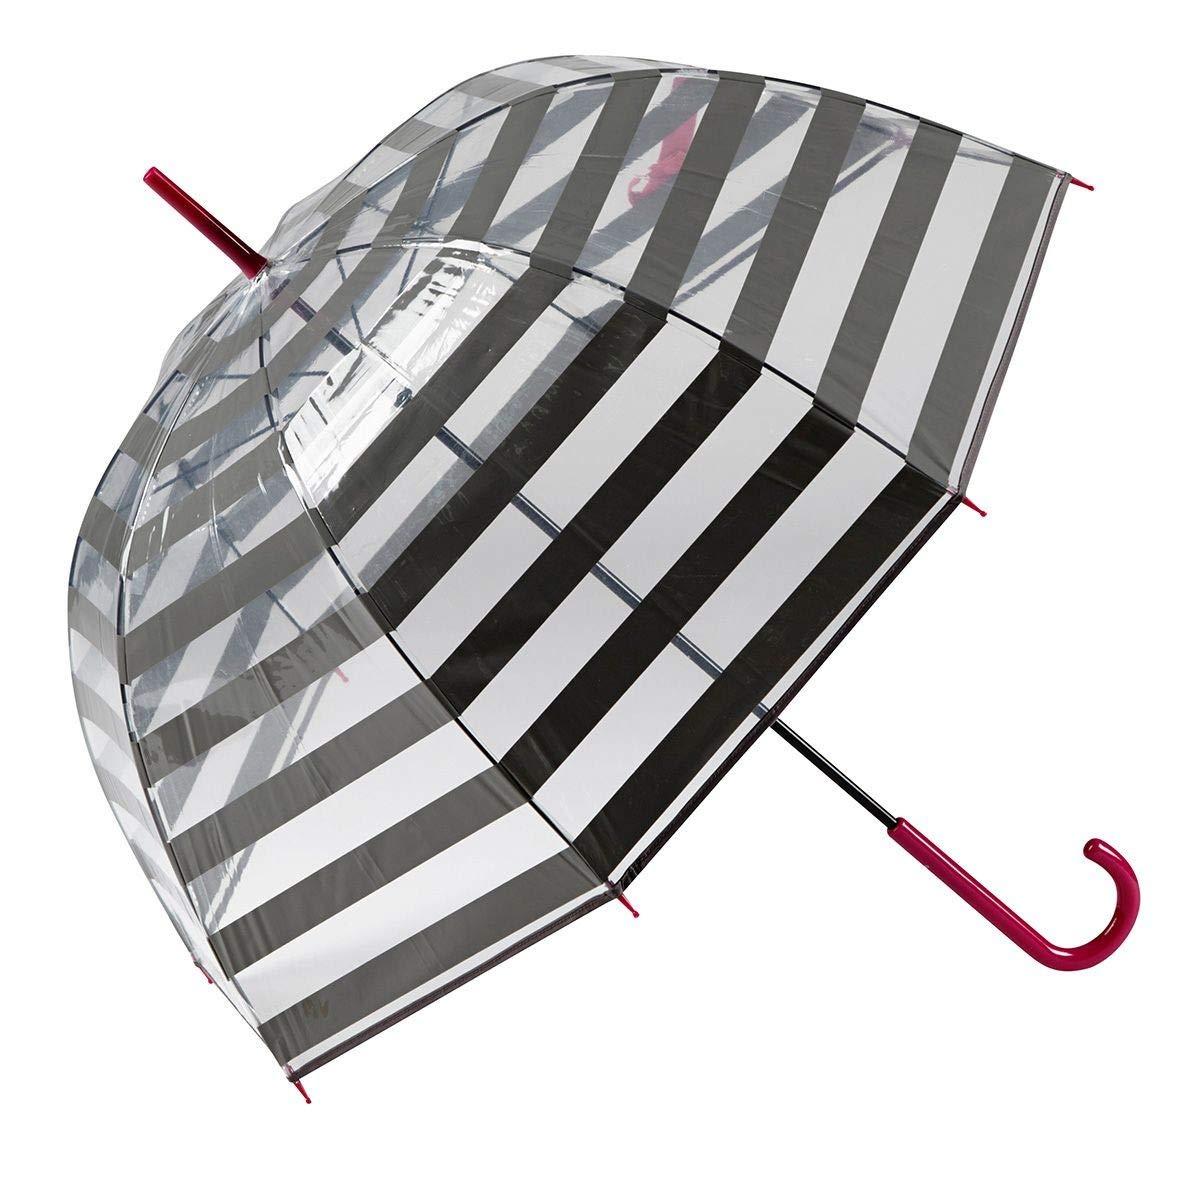 Original paraguas transparente largo con estampado de rayas. Opción de colores.